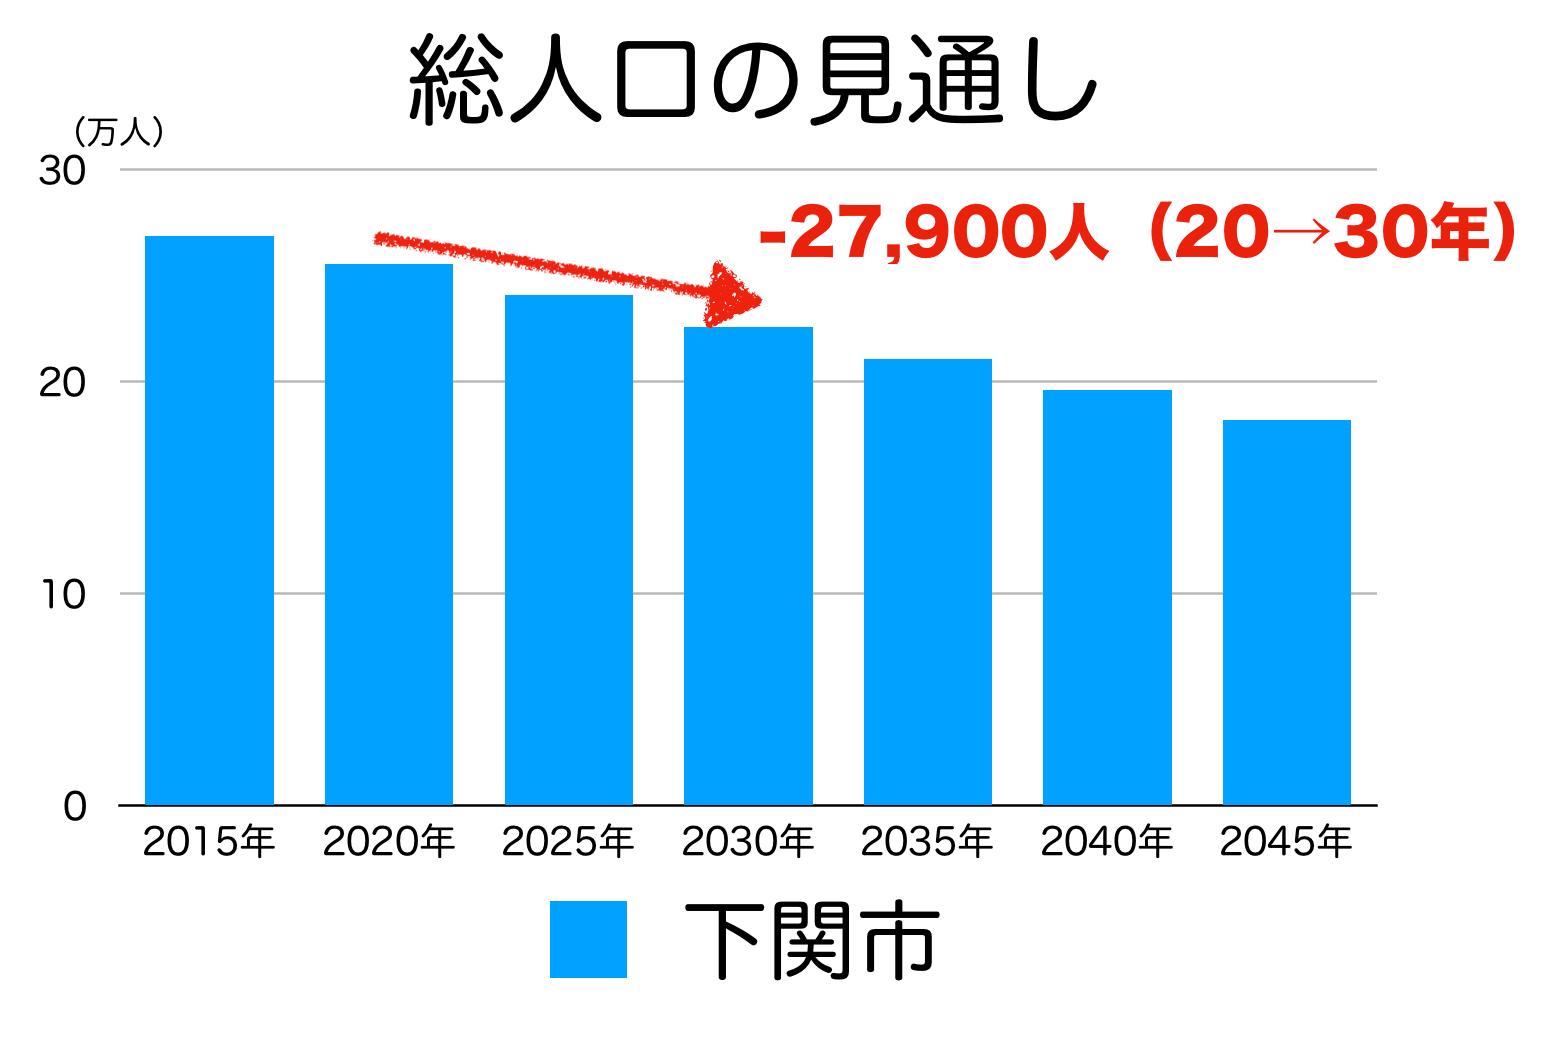 下関市の人口予測